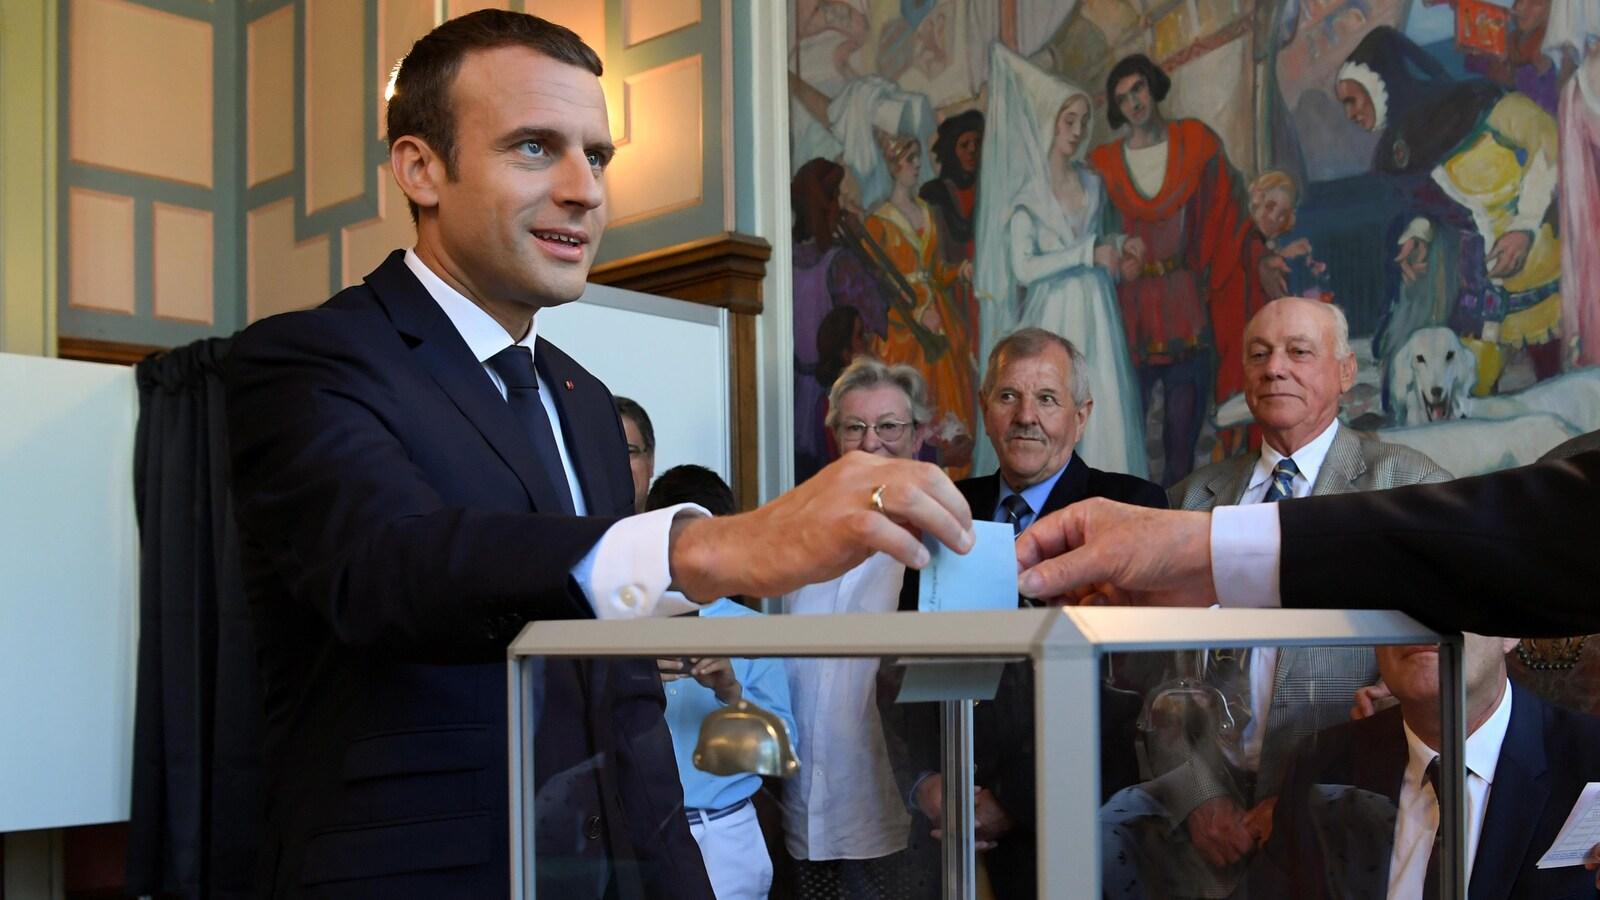 Le président Emmanuel Macron a voté en matinée, dans la coquette station balnéaire du Touquet, où il dispose d'une résidence secondaire avec sa femme, Brigitte.